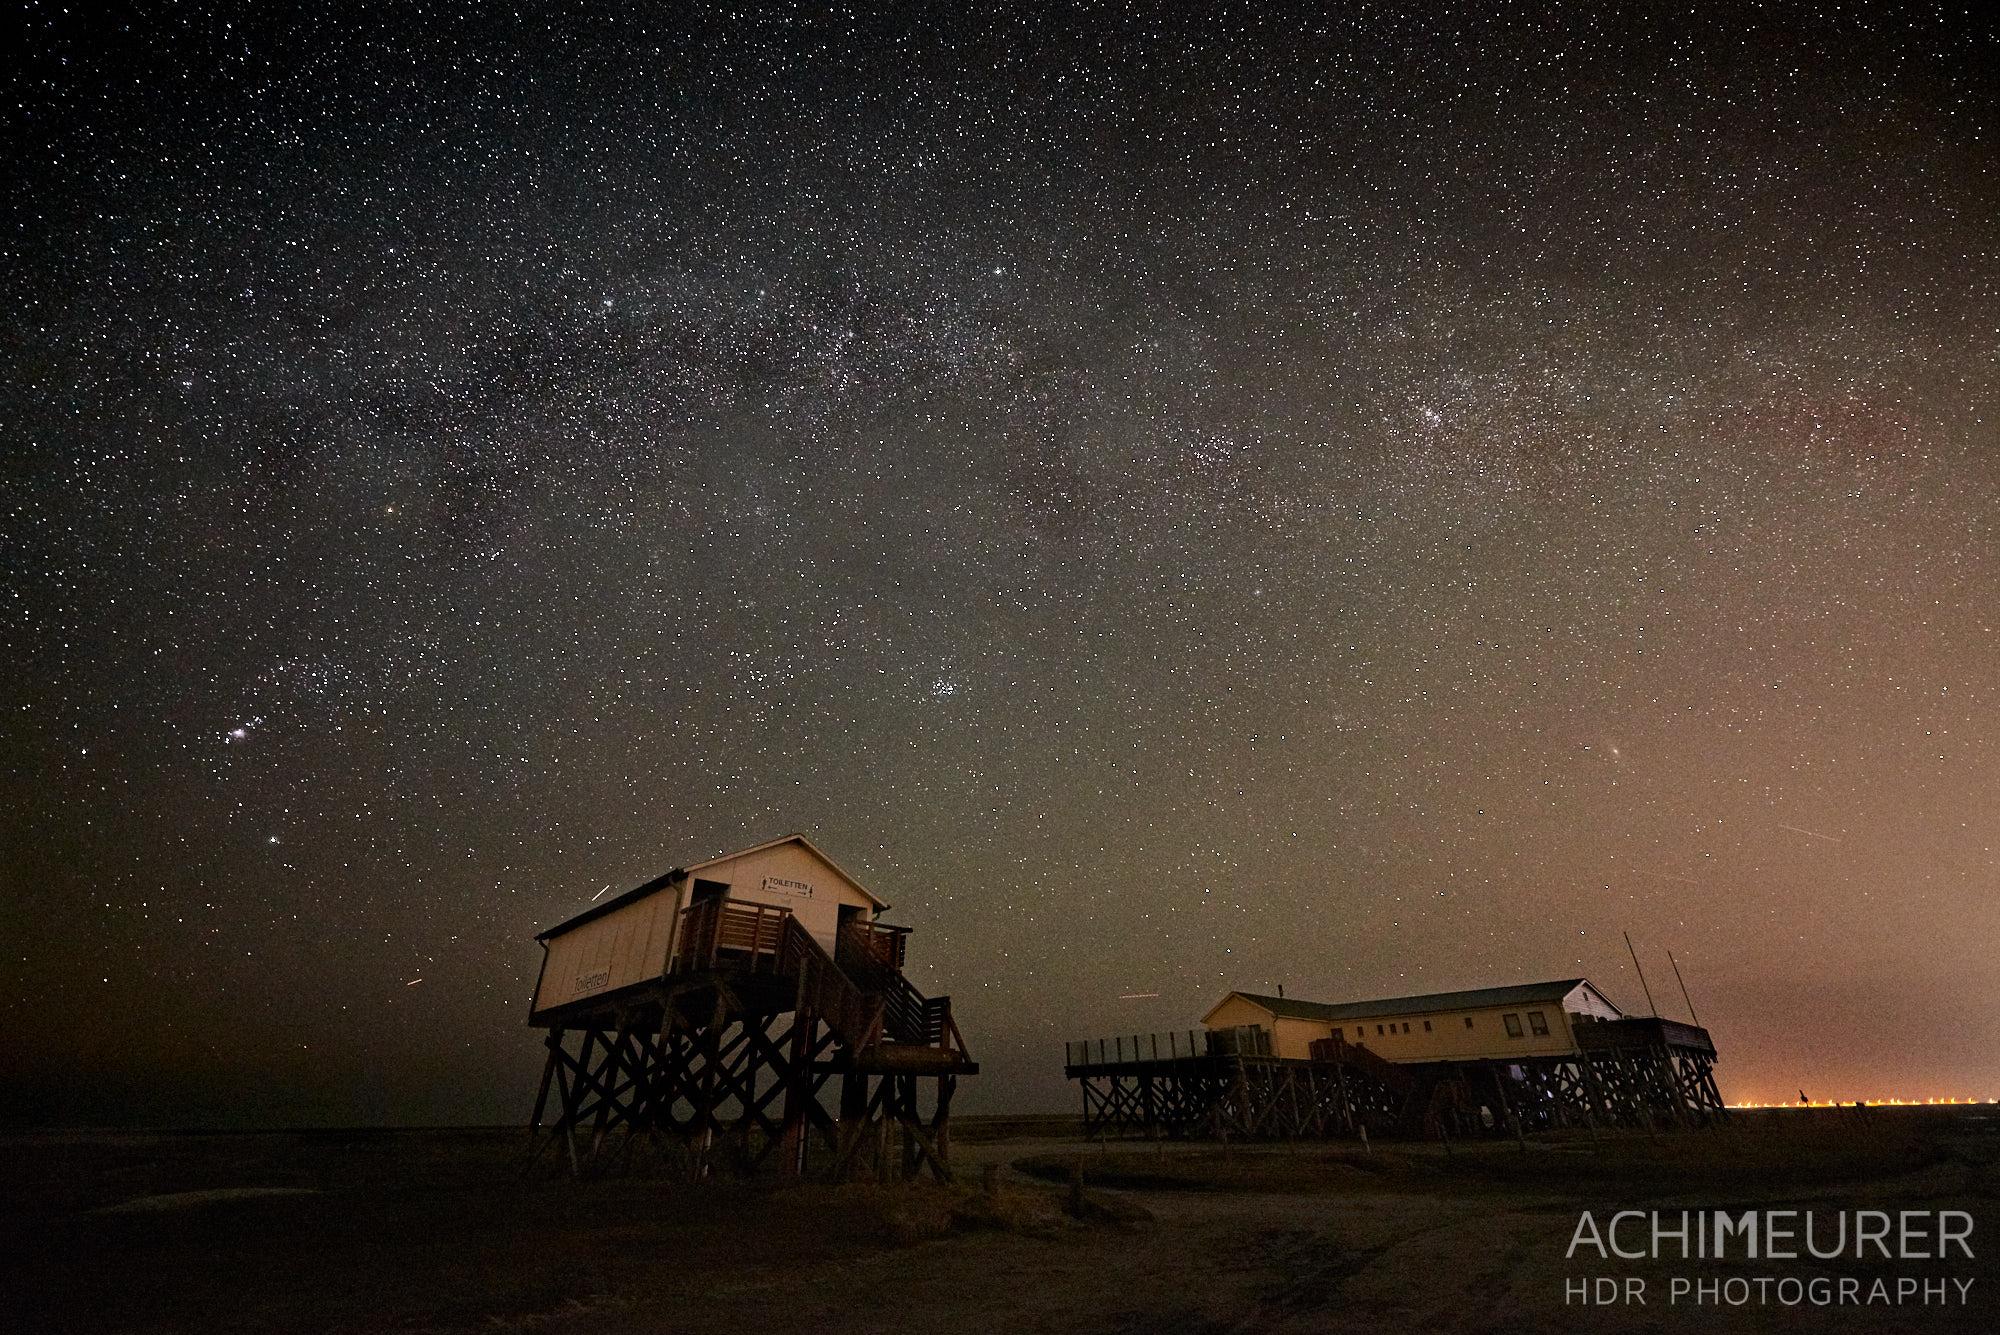 Sternenhimmel über dem Strand an der Nordseeküste in Sankt Peter-Ording by AchimMeurer.com.